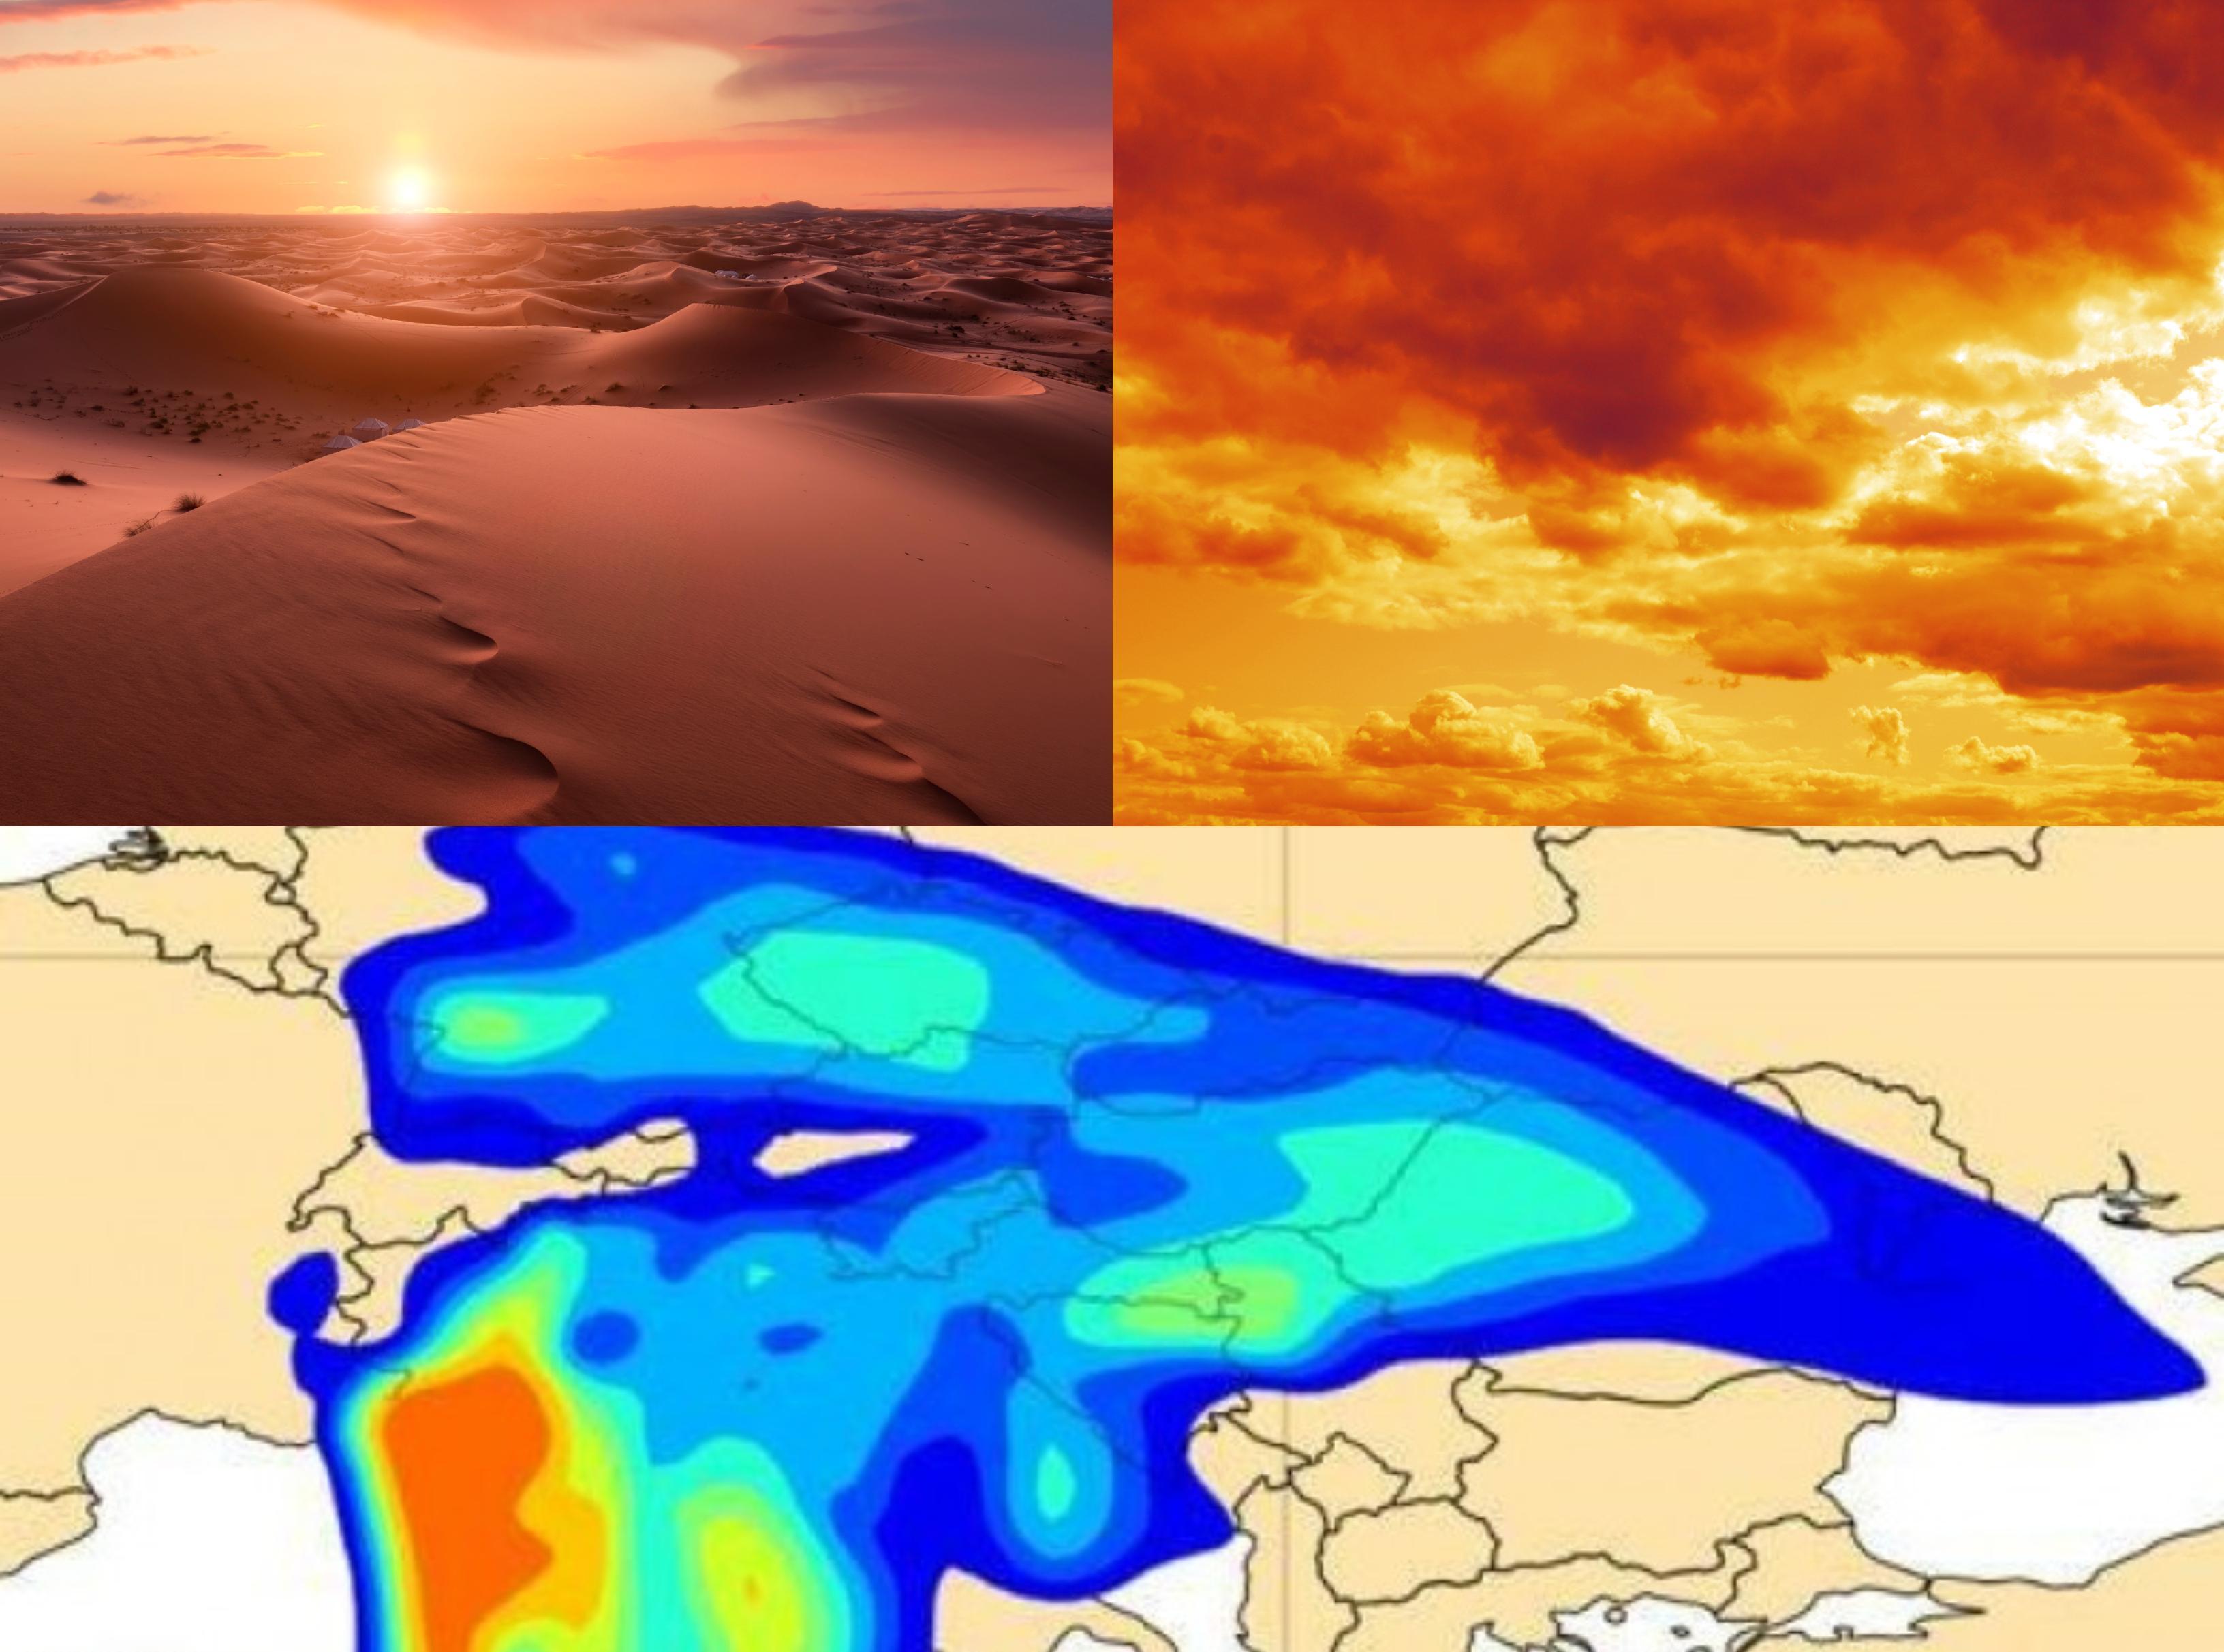 Alertă ANM! Un nor de praf saharian ajunge în România duminică, luni și marți, dinspre nordul Africii